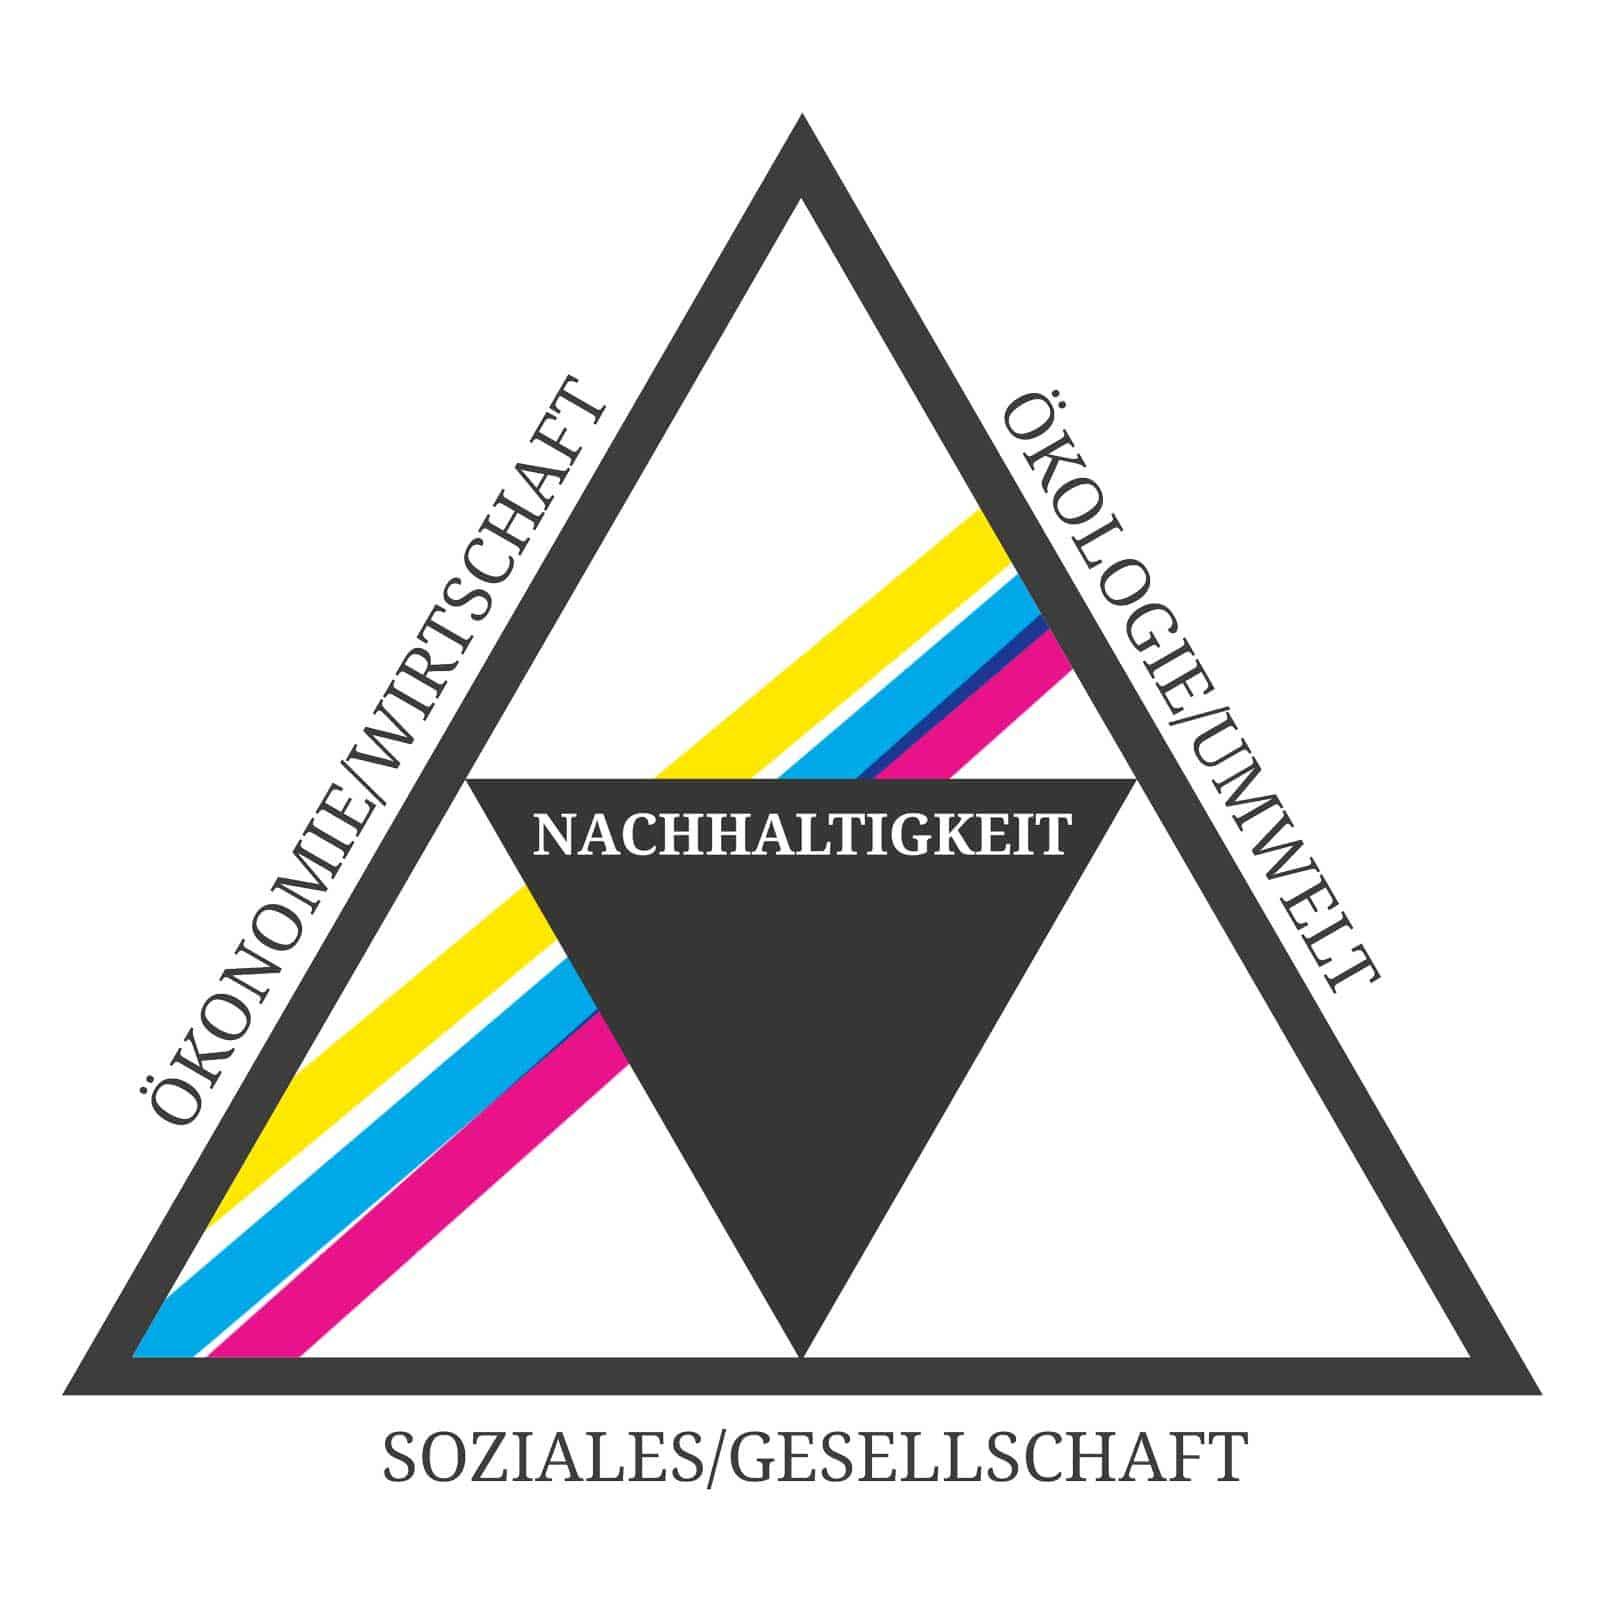 DDC GRAUES Dreieck - #savetheplanet: Nachhaltigkeit ist mehr als nur Umweltschutz!